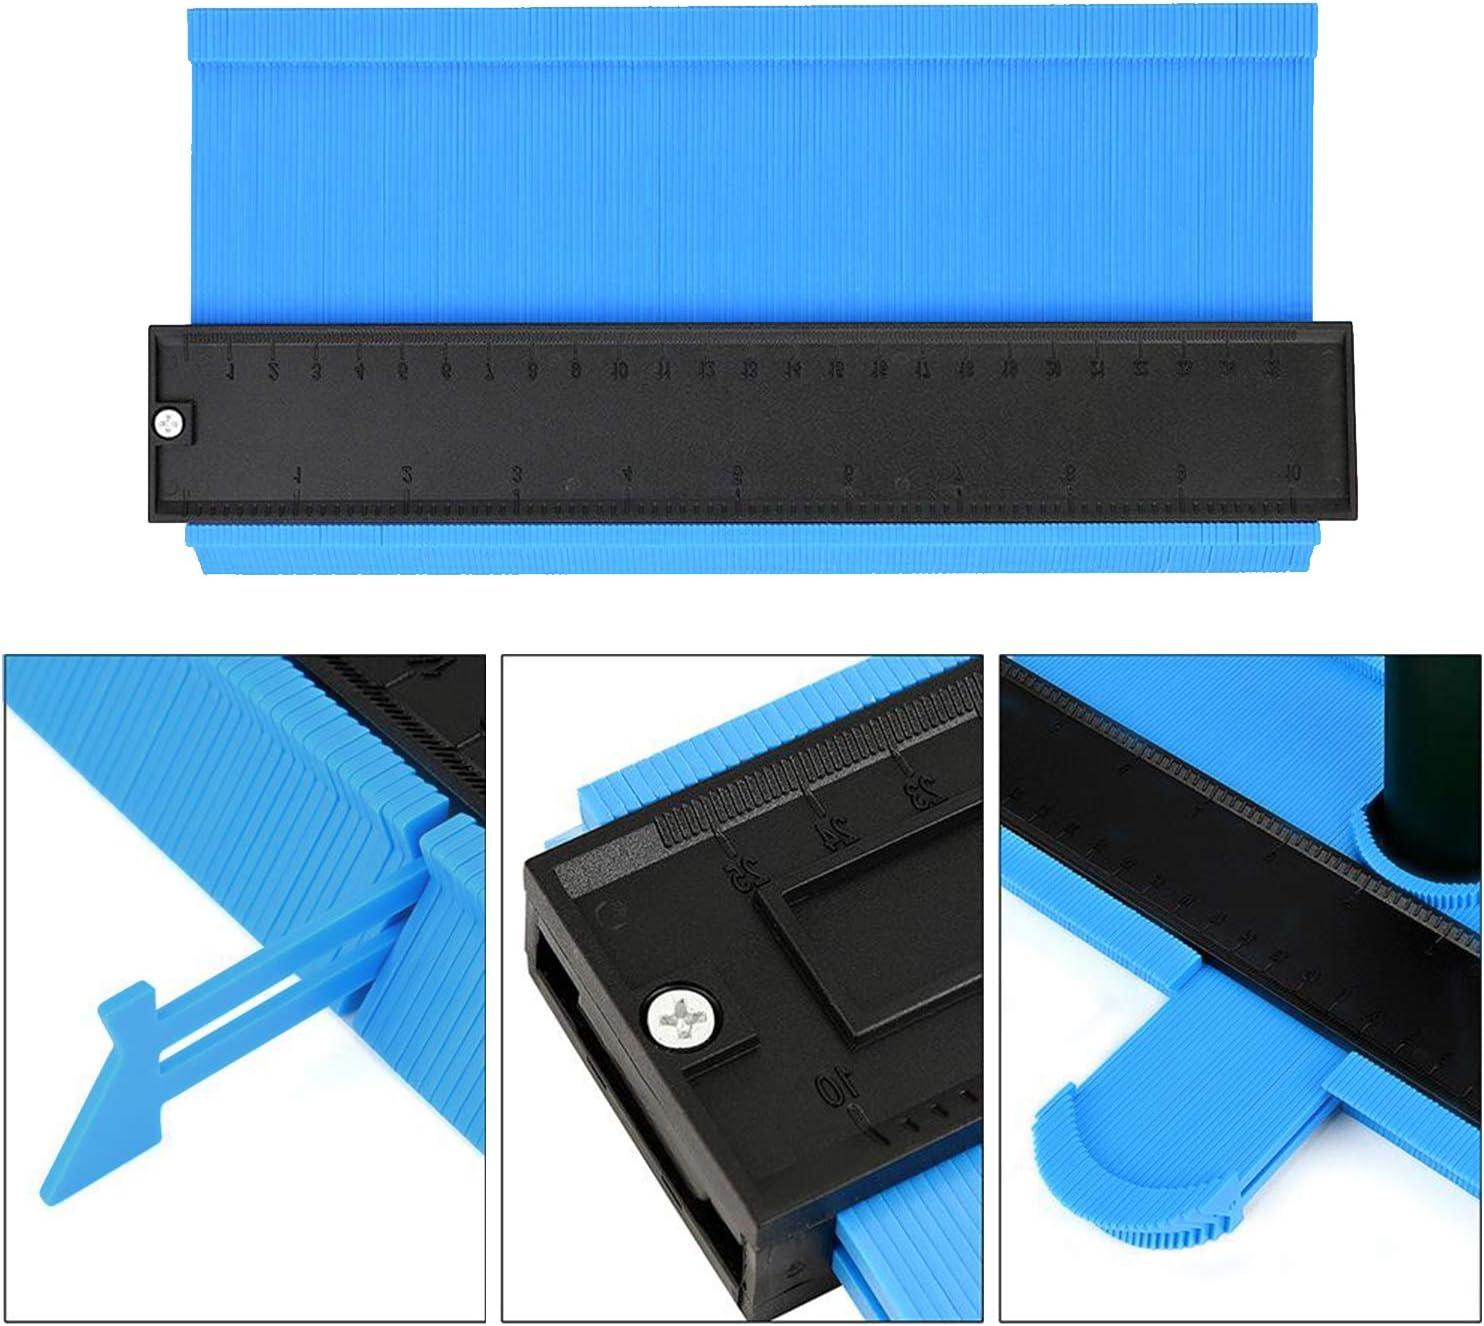 Aaaspark 2 Piezas Medidor de contornos (12cm&25cm) Herramienta de Medición de Perfil Irregular, Ideal para Azulejos Edge Shaping Madera Medida & Azulejos laminados (Azul): Amazon.es: Bricolaje y herramientas